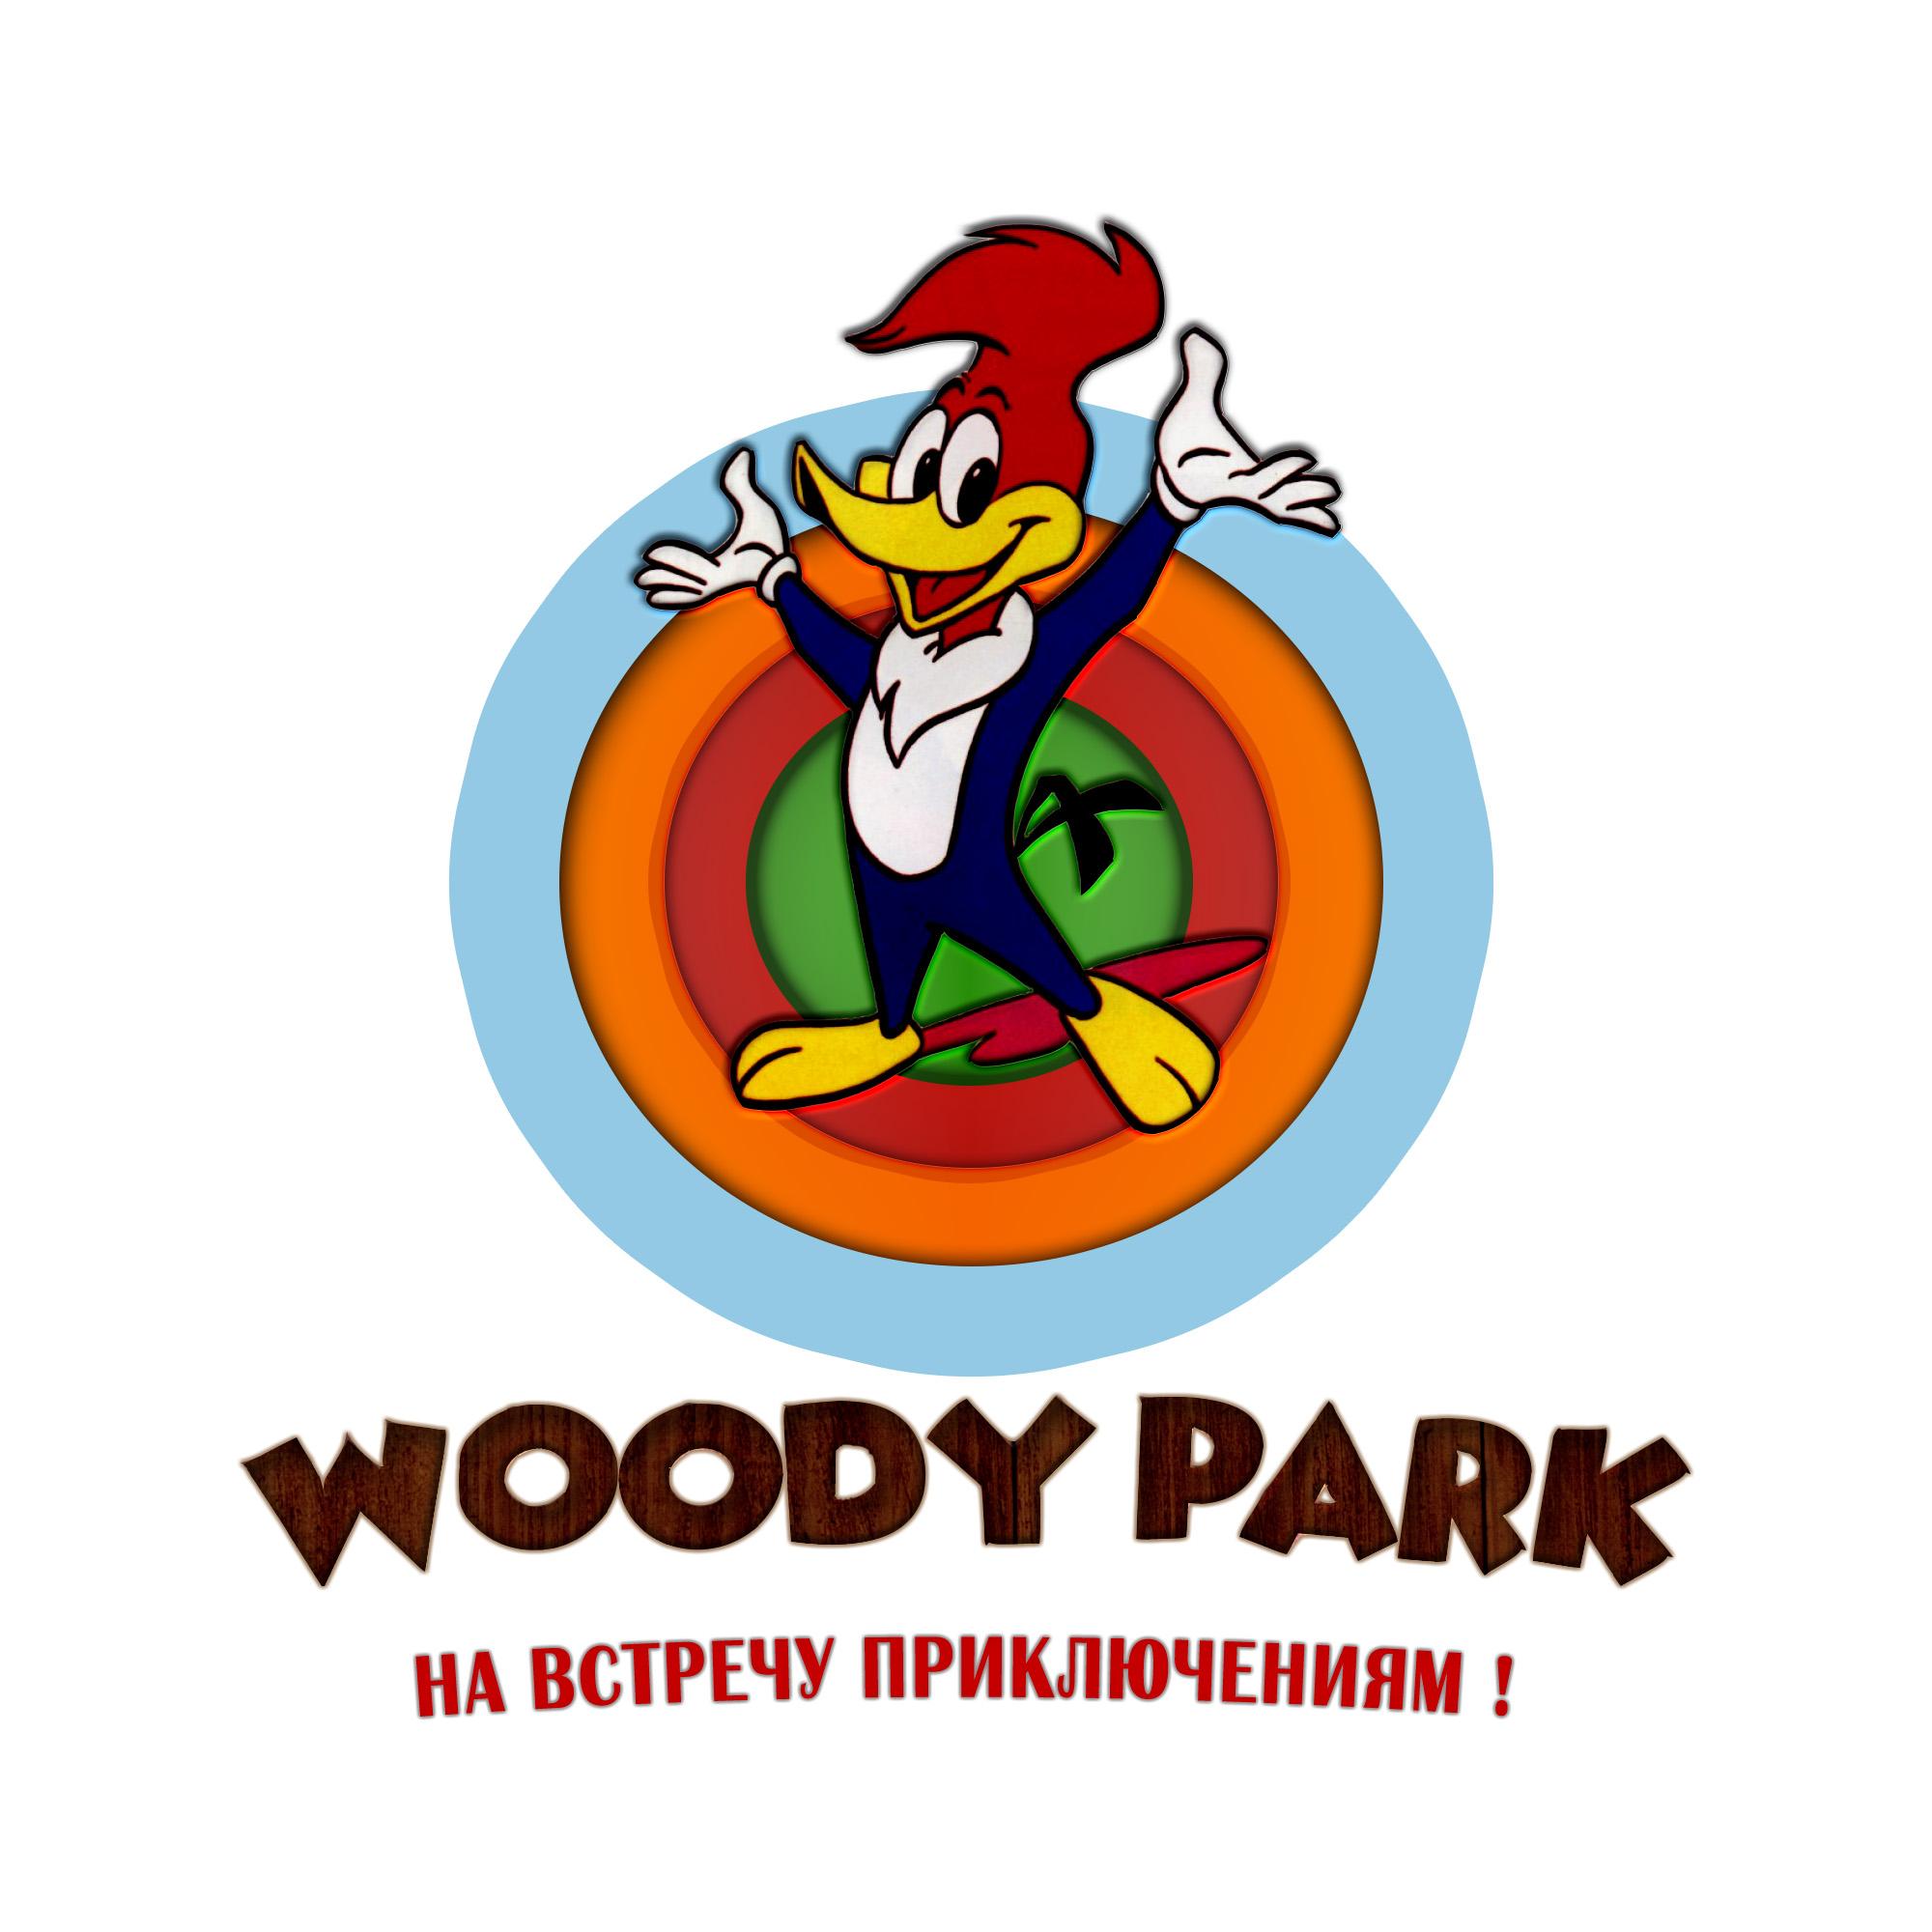 Название и слоган для парка активного отдыха фото f_1915a75aceeb8fe1.jpg